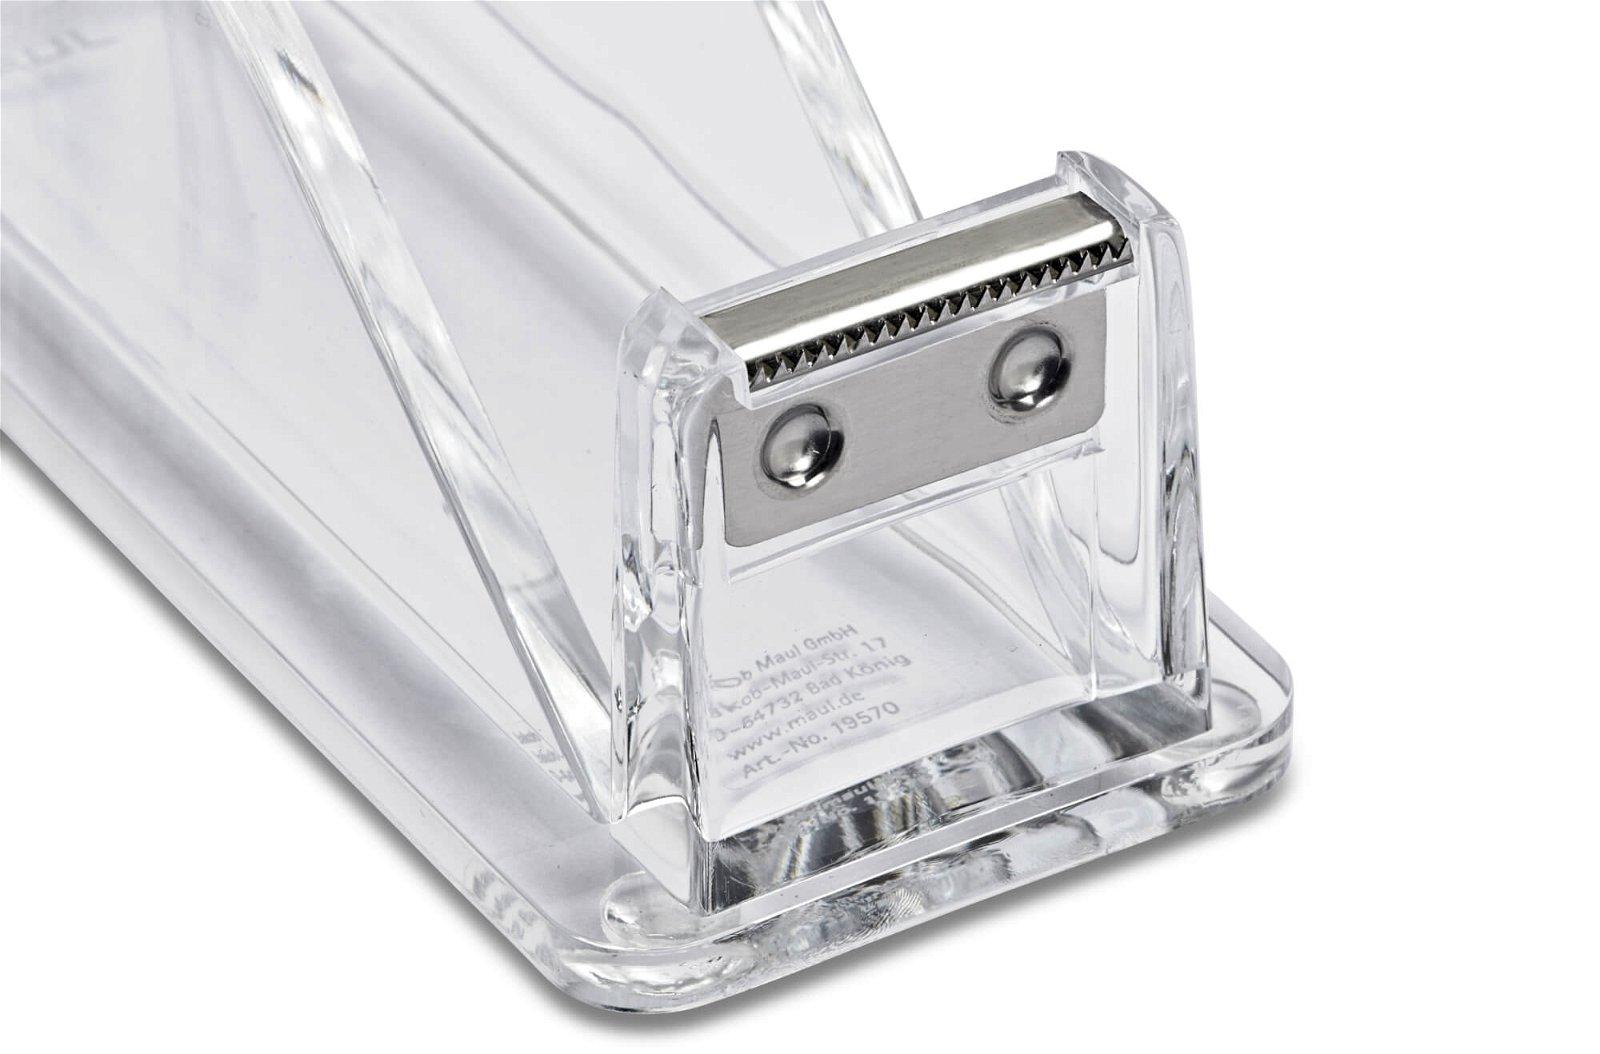 Acryl-Klebeband-Abroller, ohne Klebeband, glasklar